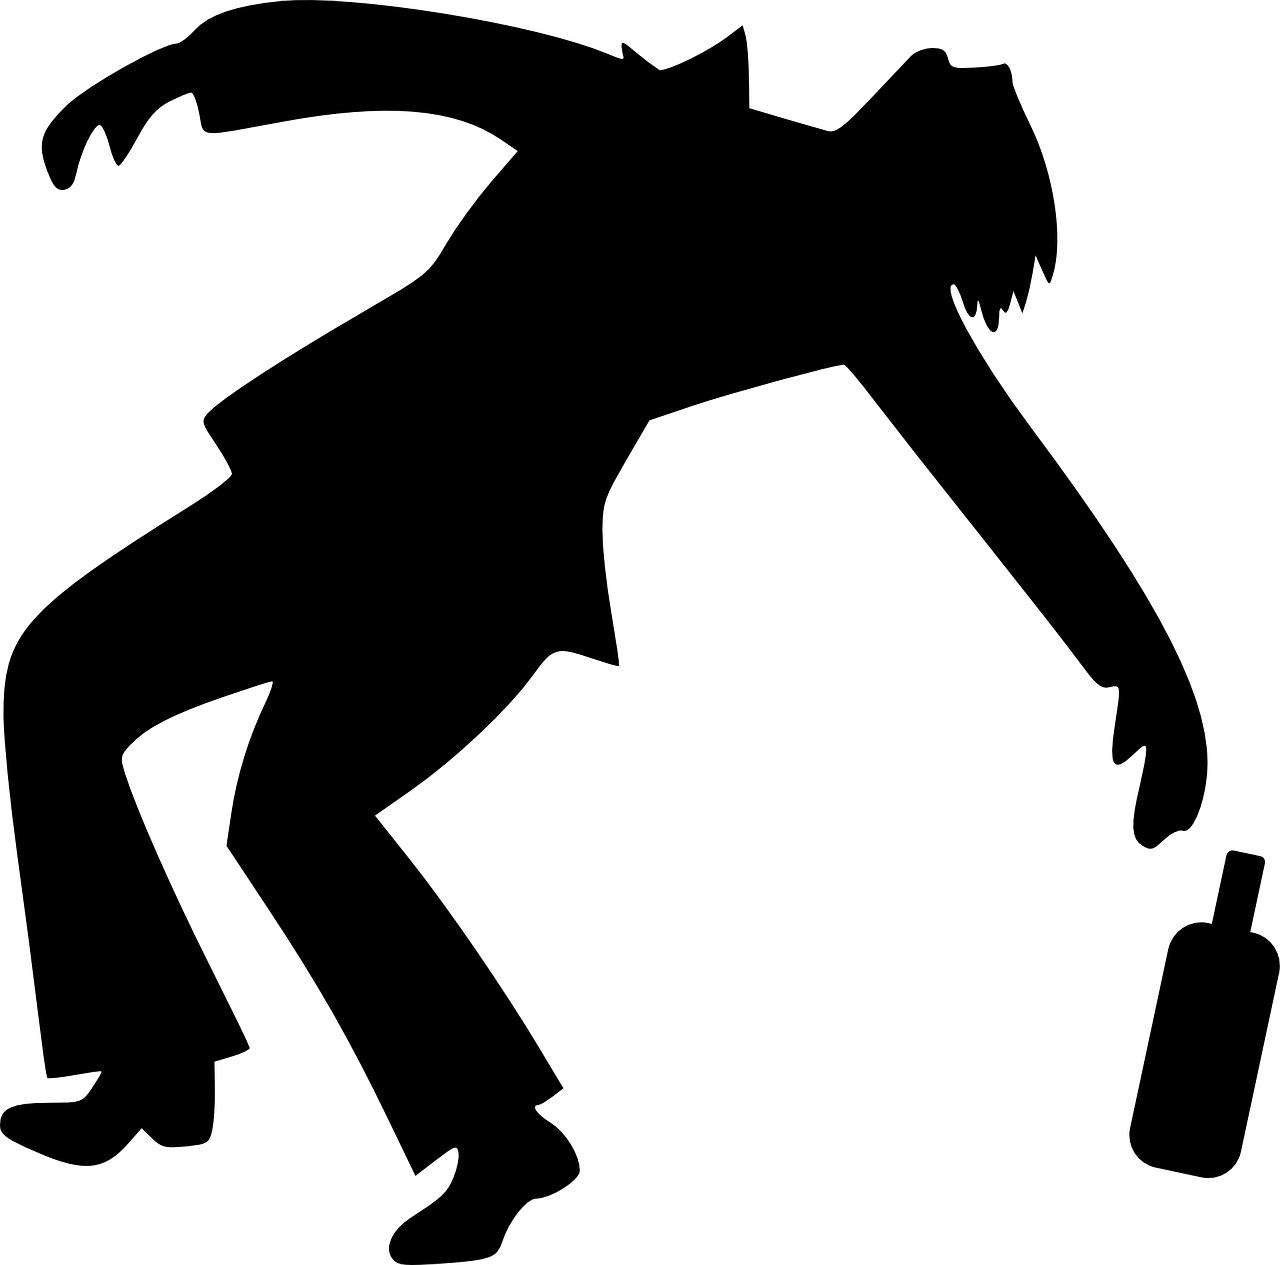 Jairam Nagar Bilaspur News: जयरामनगर में स्टेशन मास्टर से बहस के बाद पाइंटमैन ने पी लिया कीटनाशक